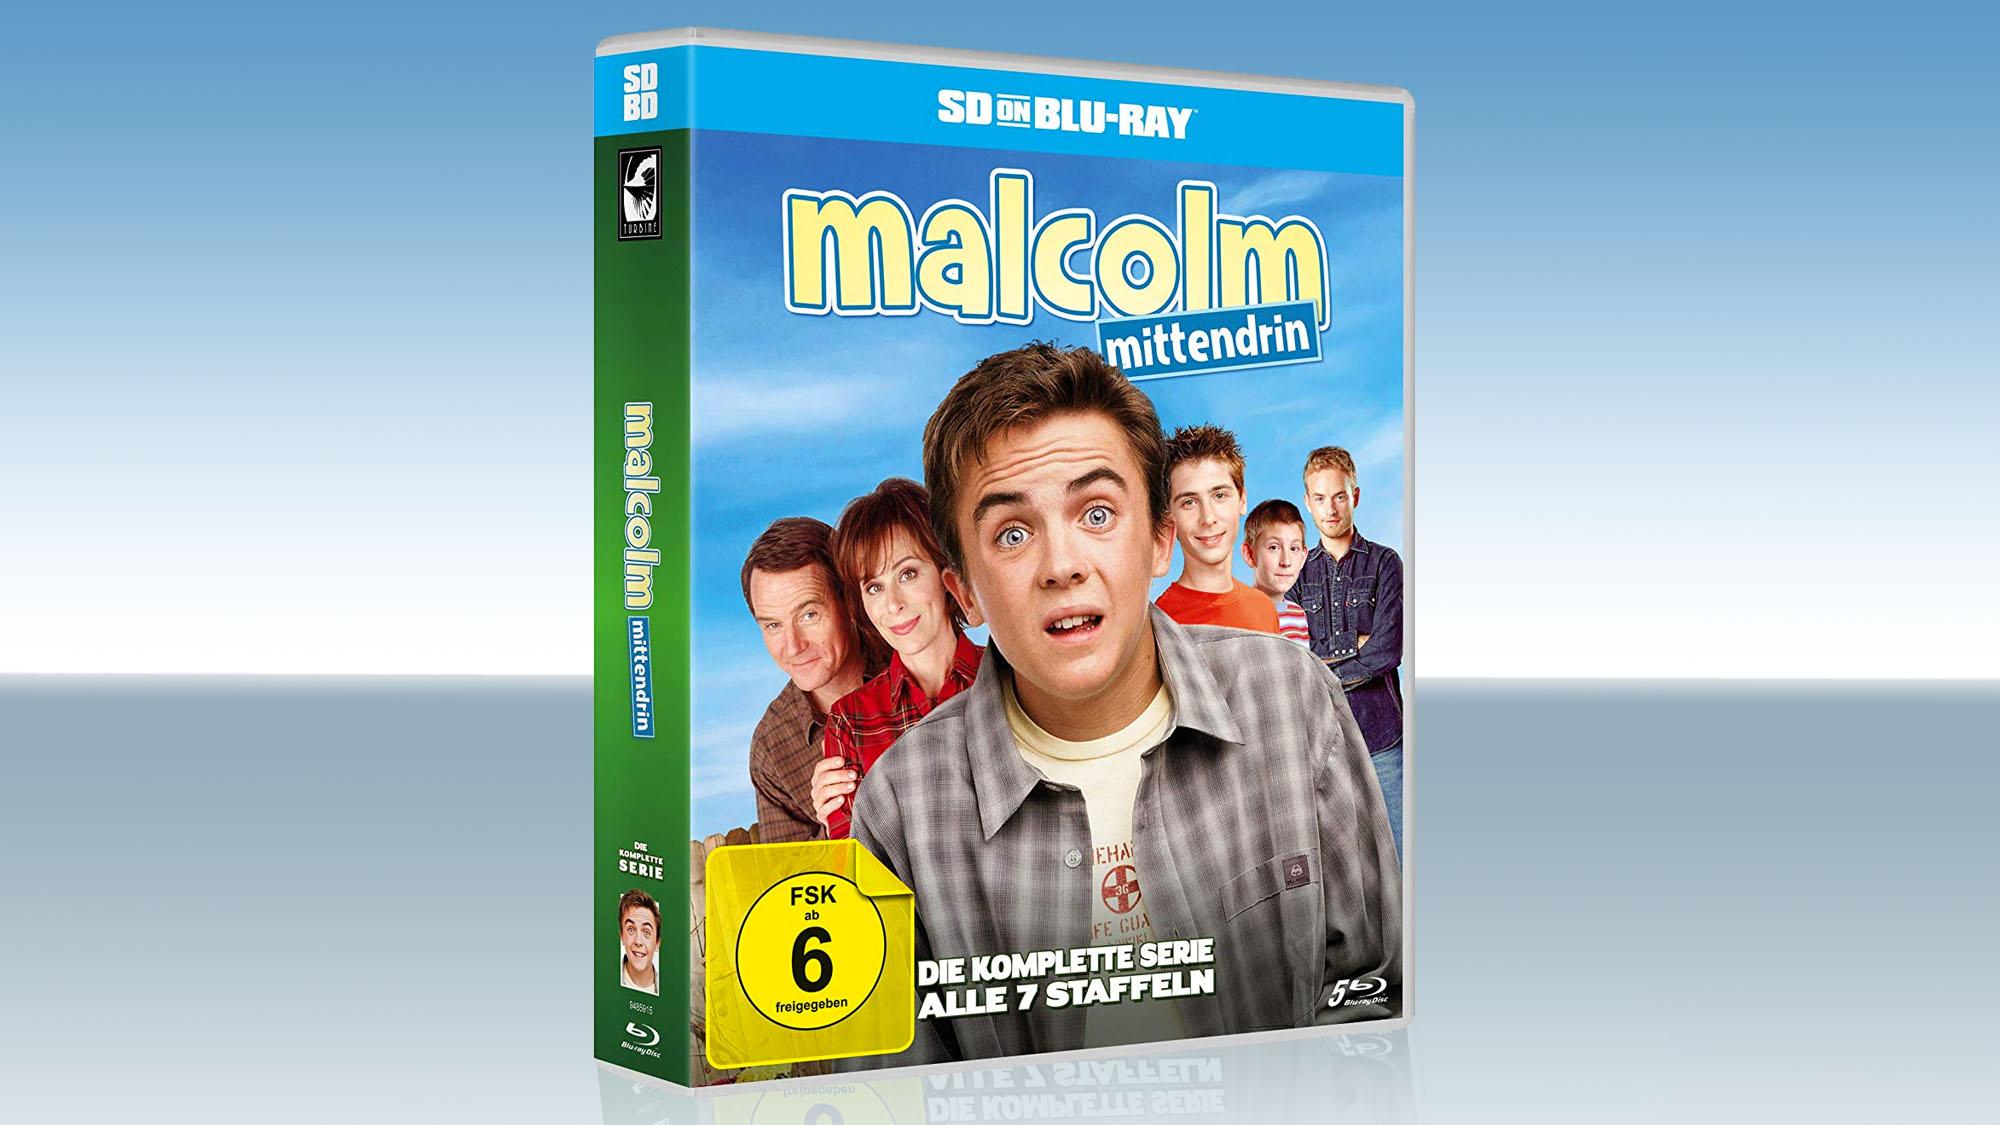 Le coffret allemand Blu-ray